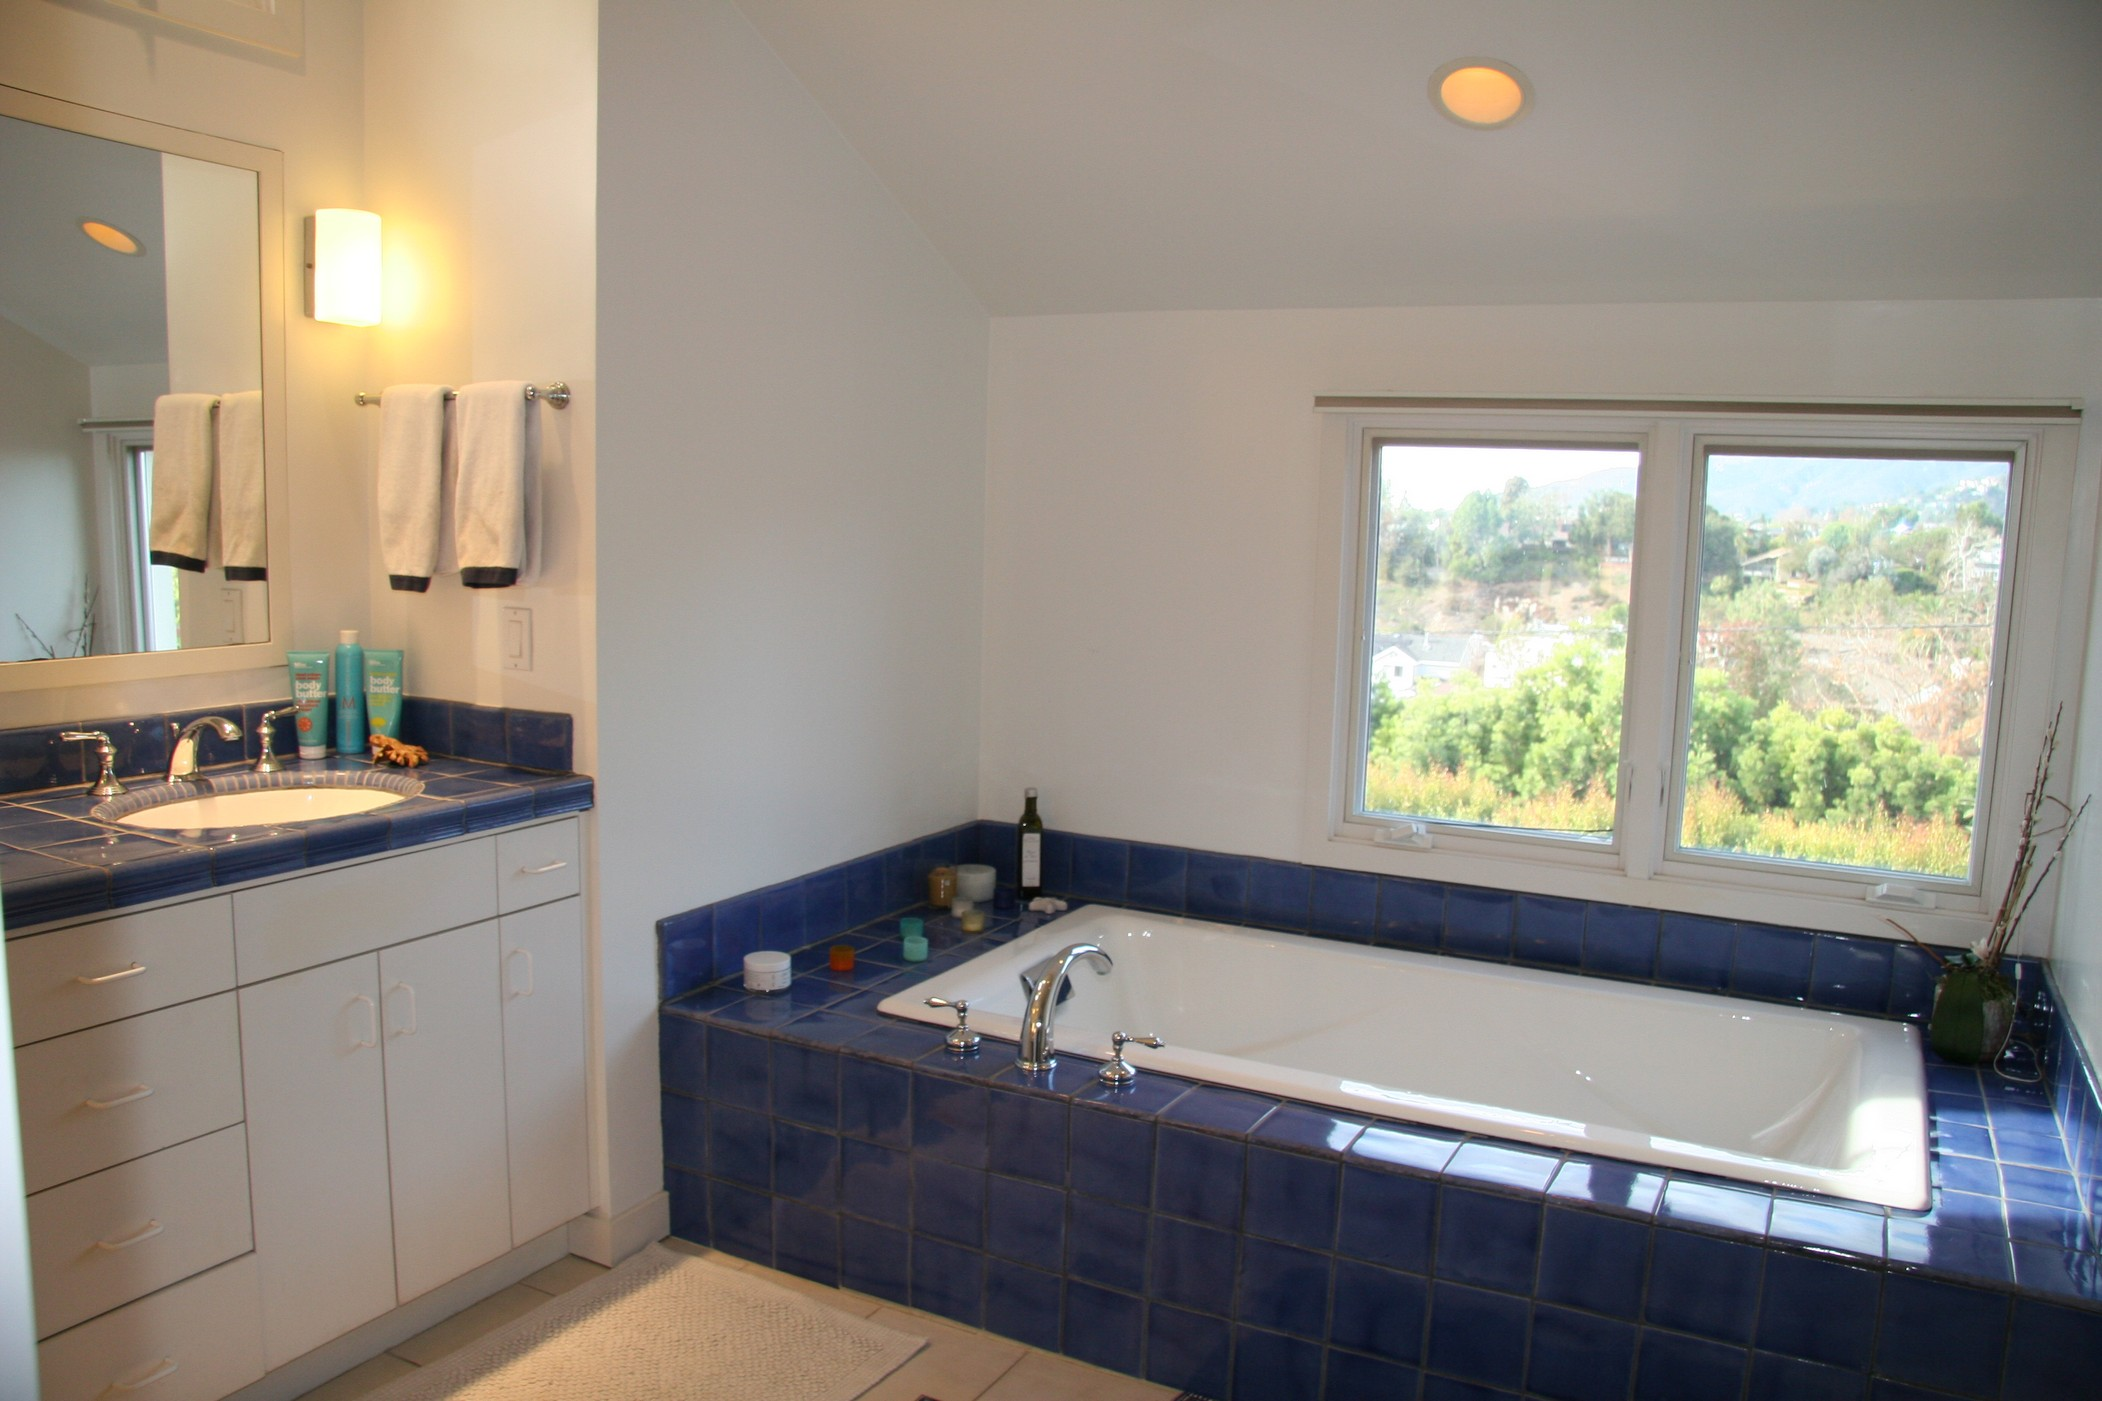 659 Via de la Paz,Pacific Palisades,California 90272,4 Bedrooms Bedrooms,4 BathroomsBathrooms,Home,Via de la Paz,1057